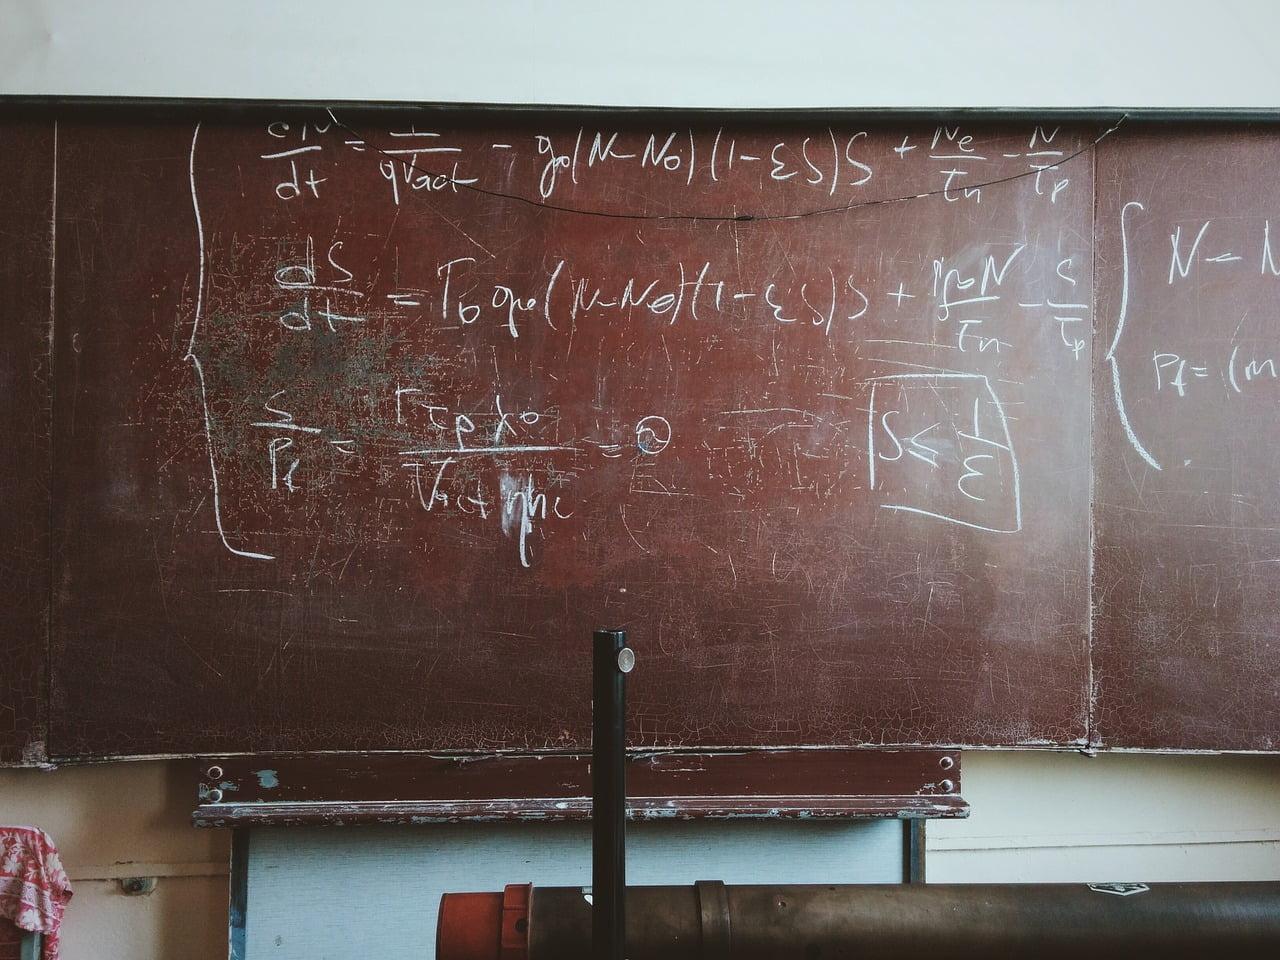 complex-redress-matrix-on-blackboard